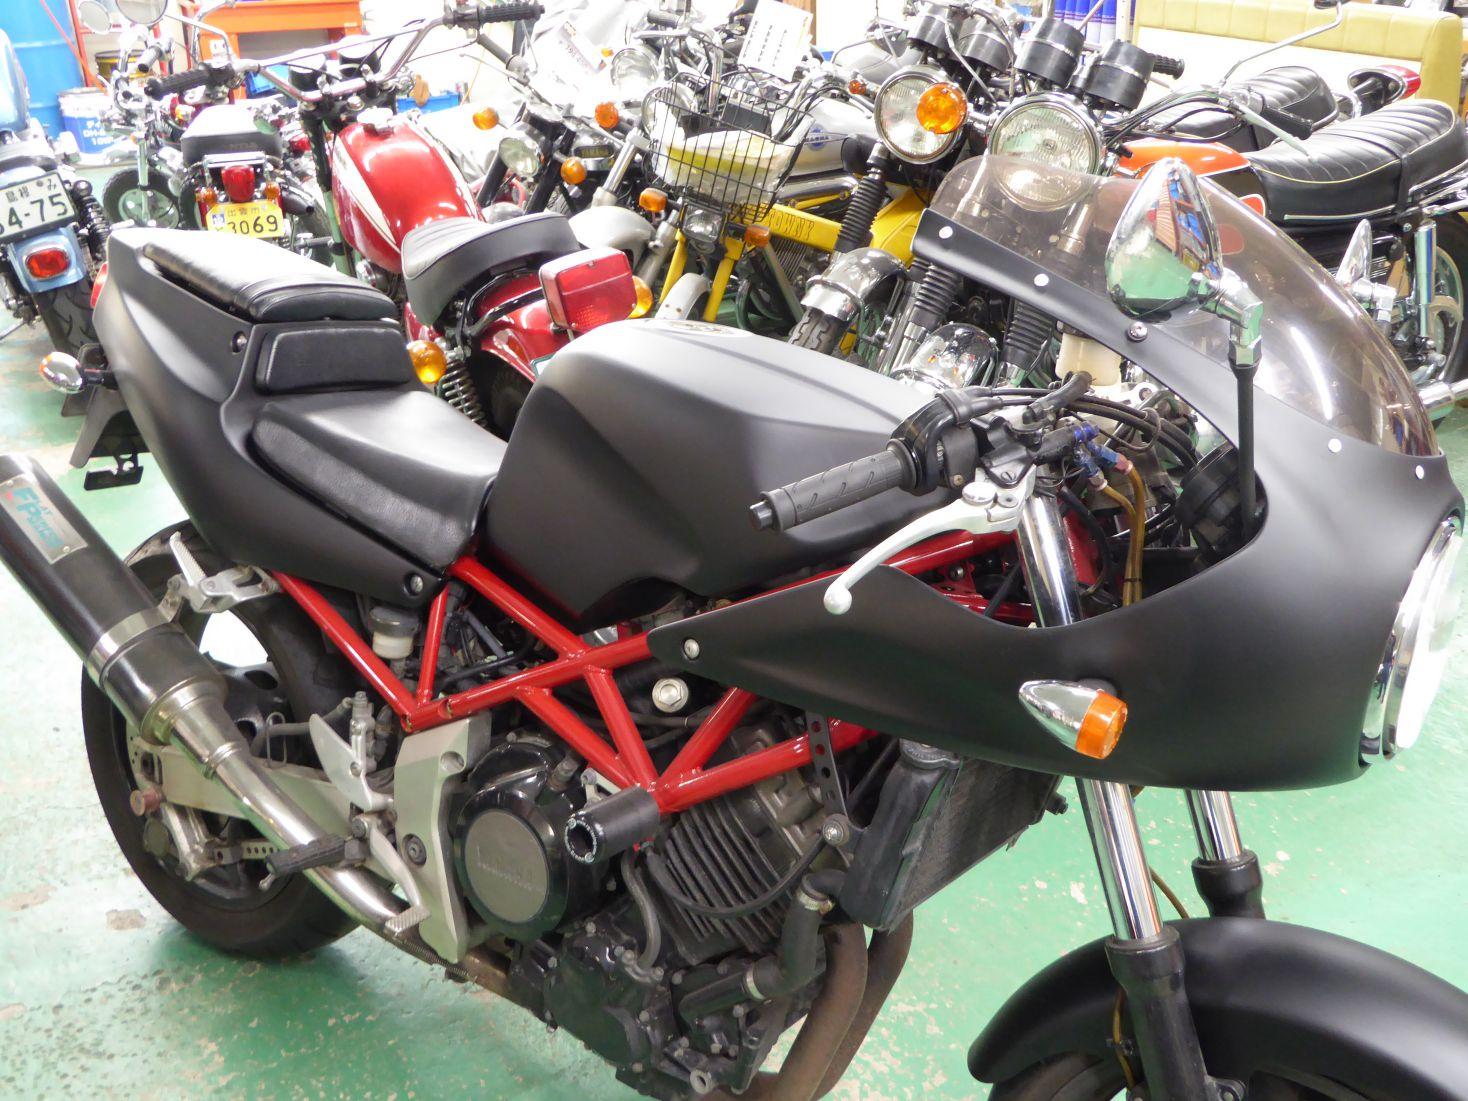 TRX850